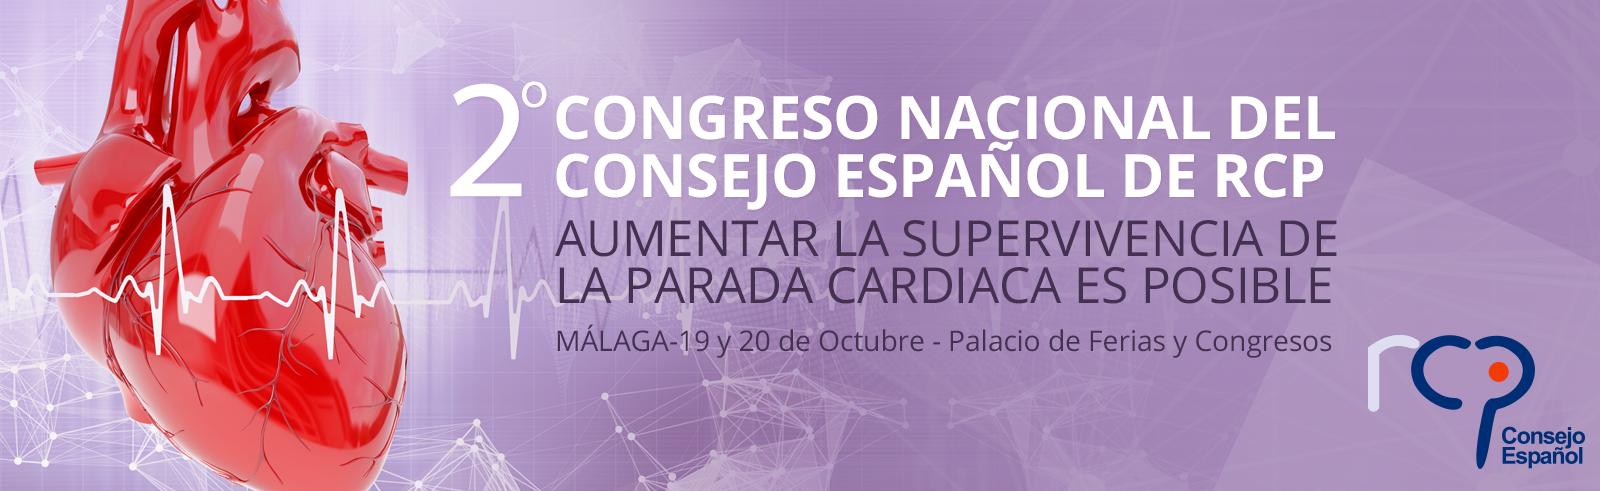 2º Congreso Nacional del Consejo español de RCP